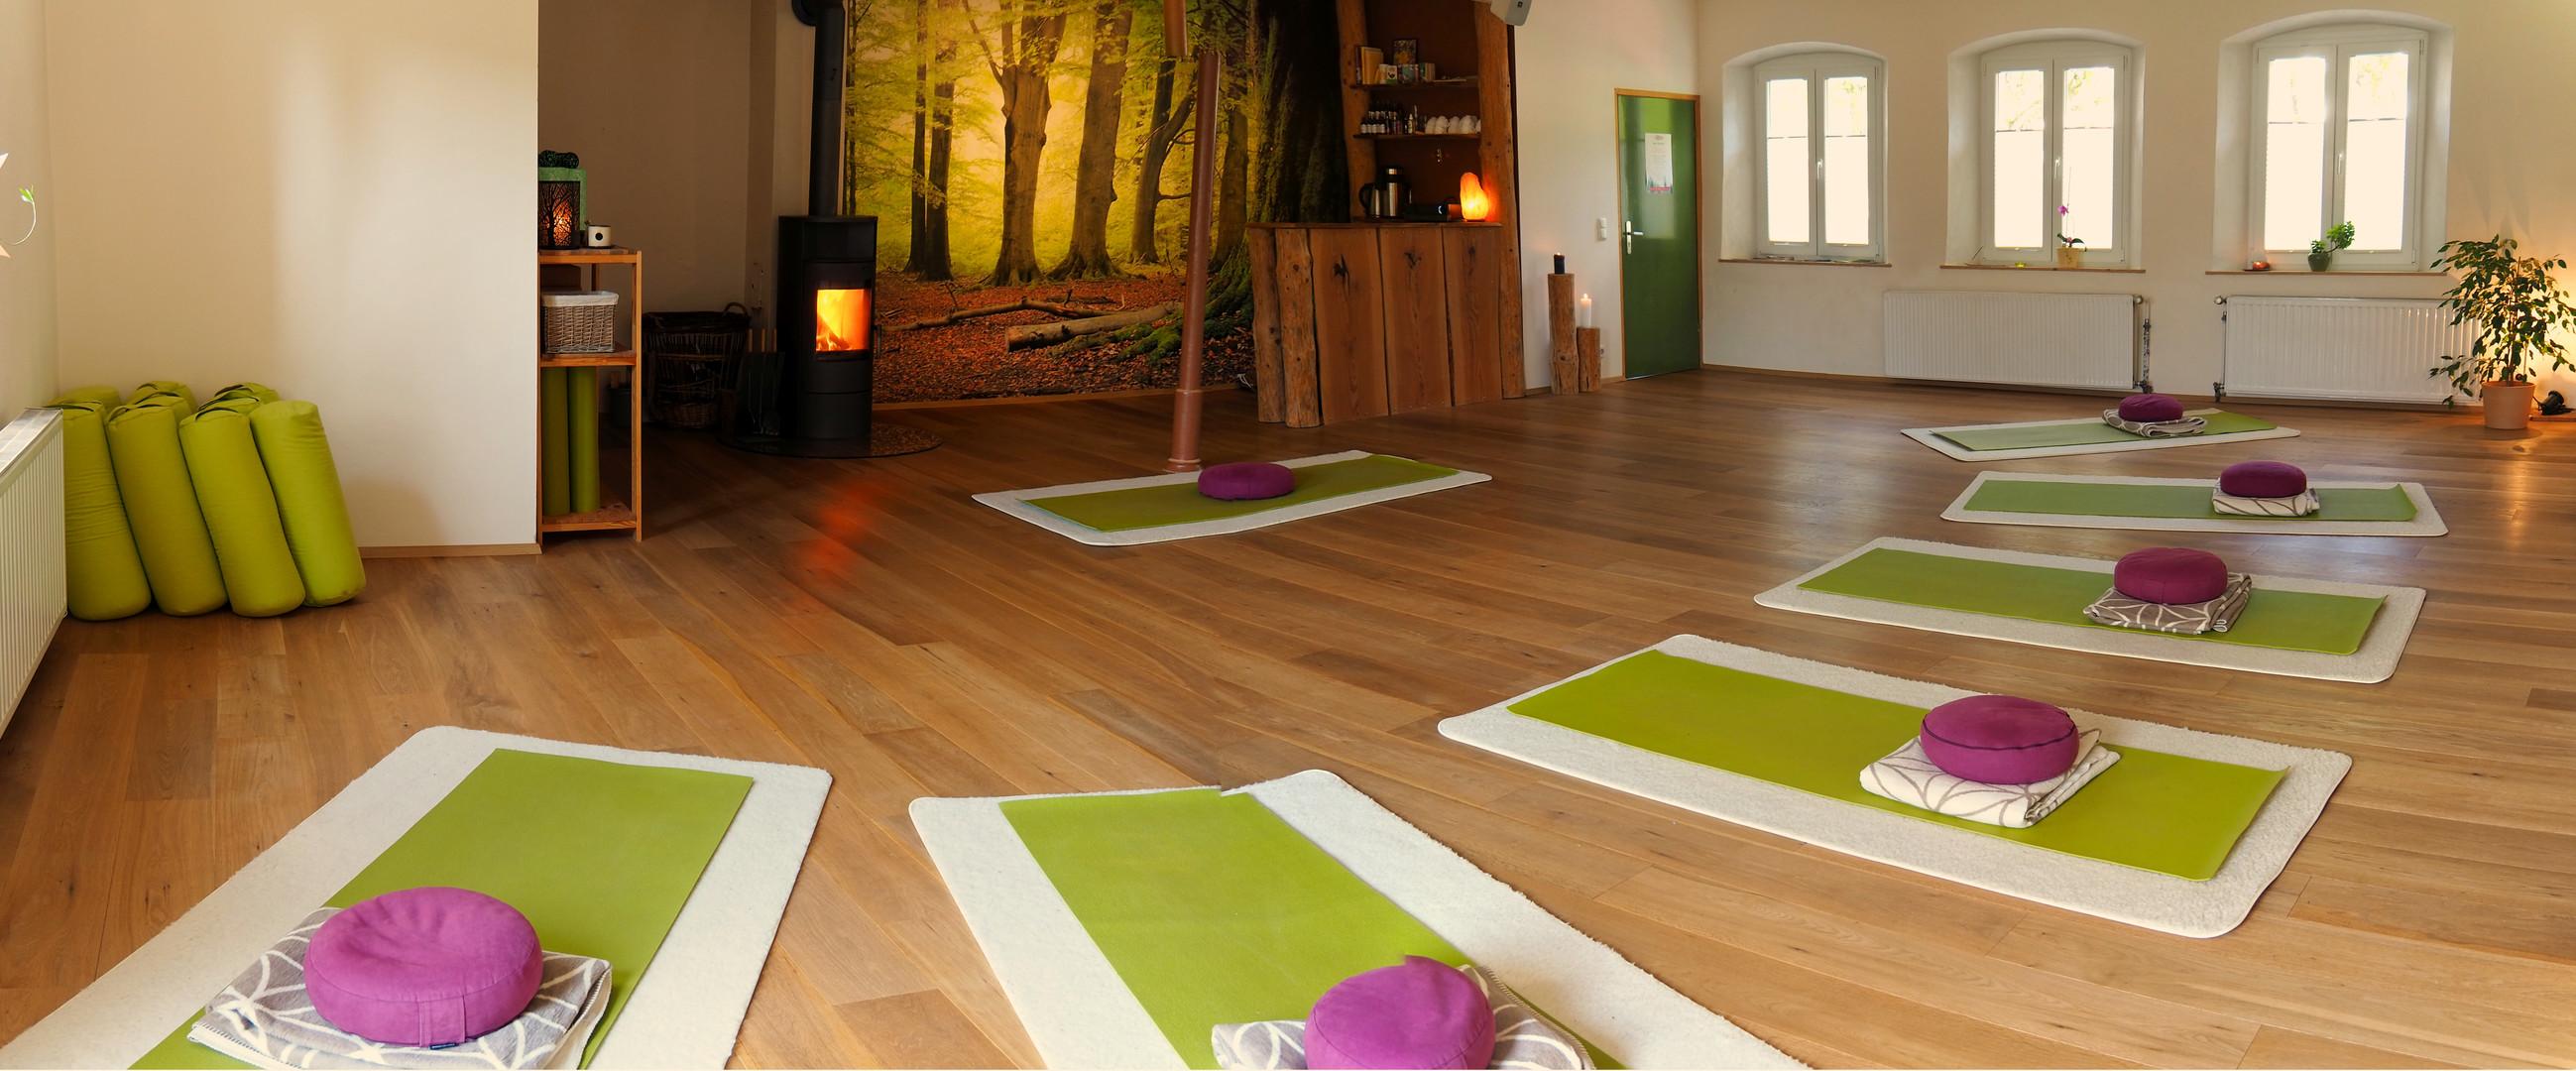 Yogastudio Hollfeld Fränkische Schweiz